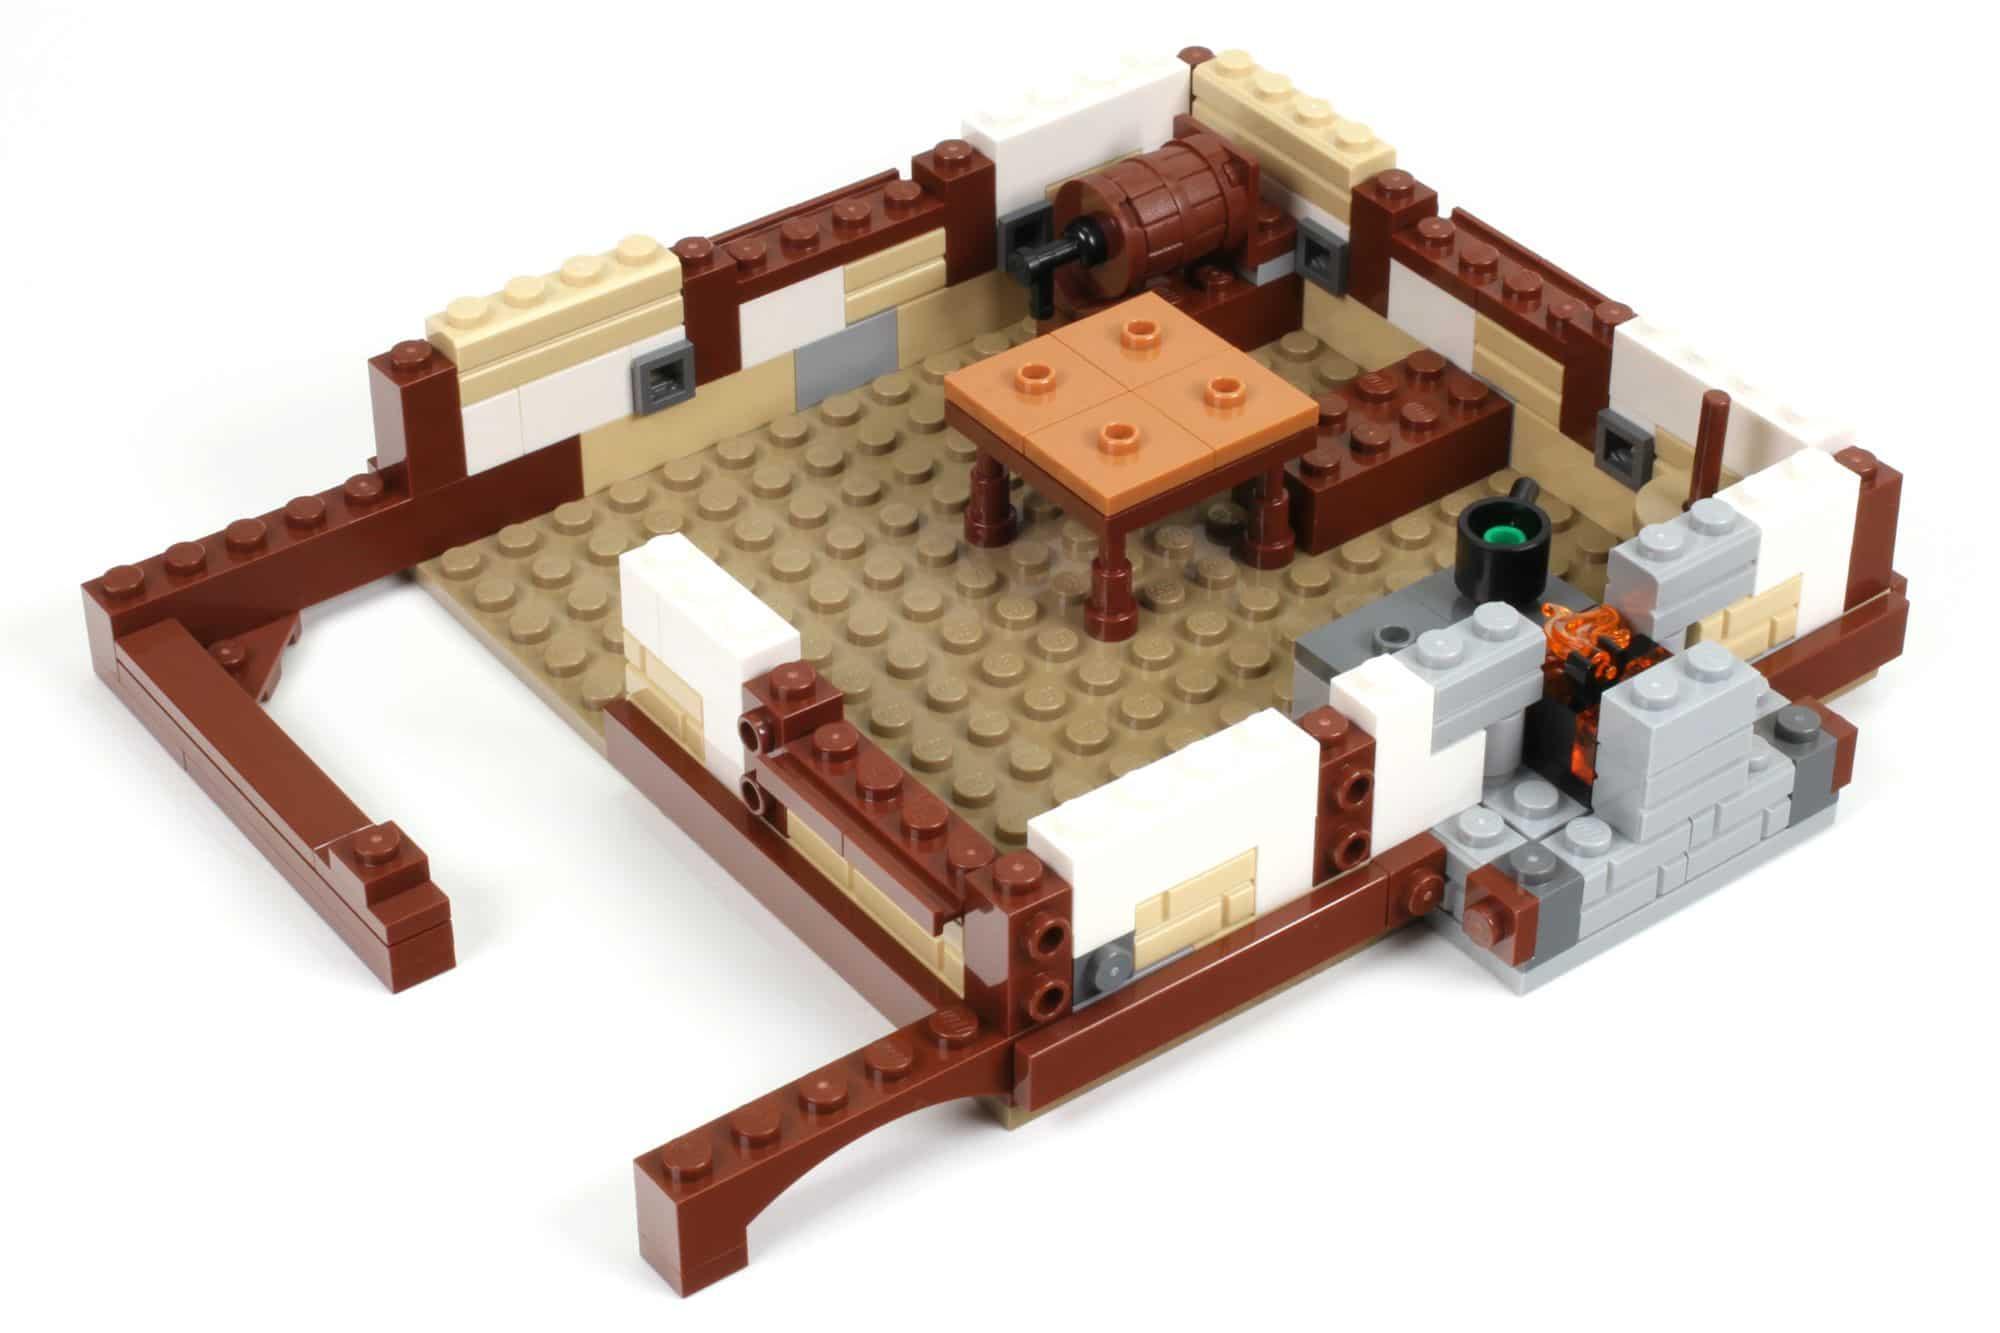 LEGO Ideas 21325 Mittelalterliche Schmiede Bauabschnitt 6 2